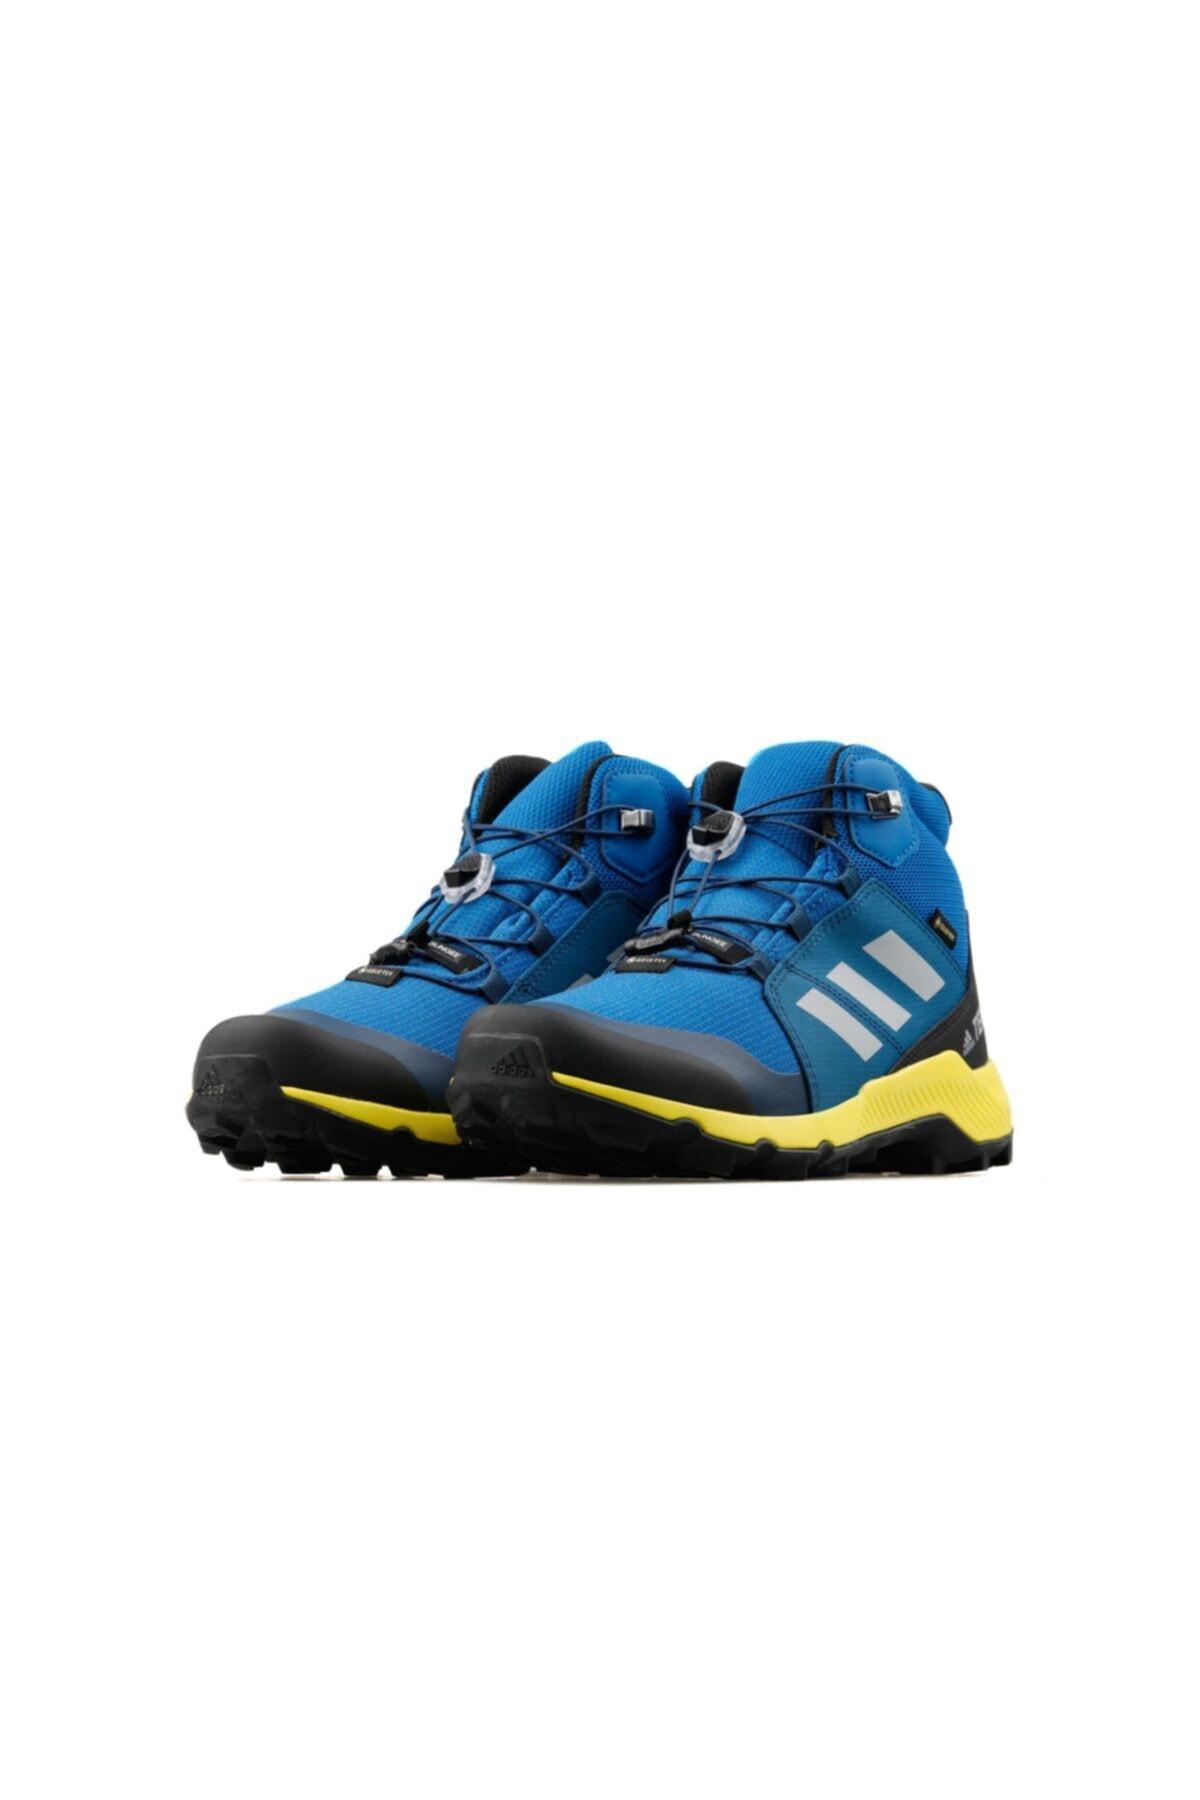 adidas Bc0596 Terrex Mıd Gtx K 1